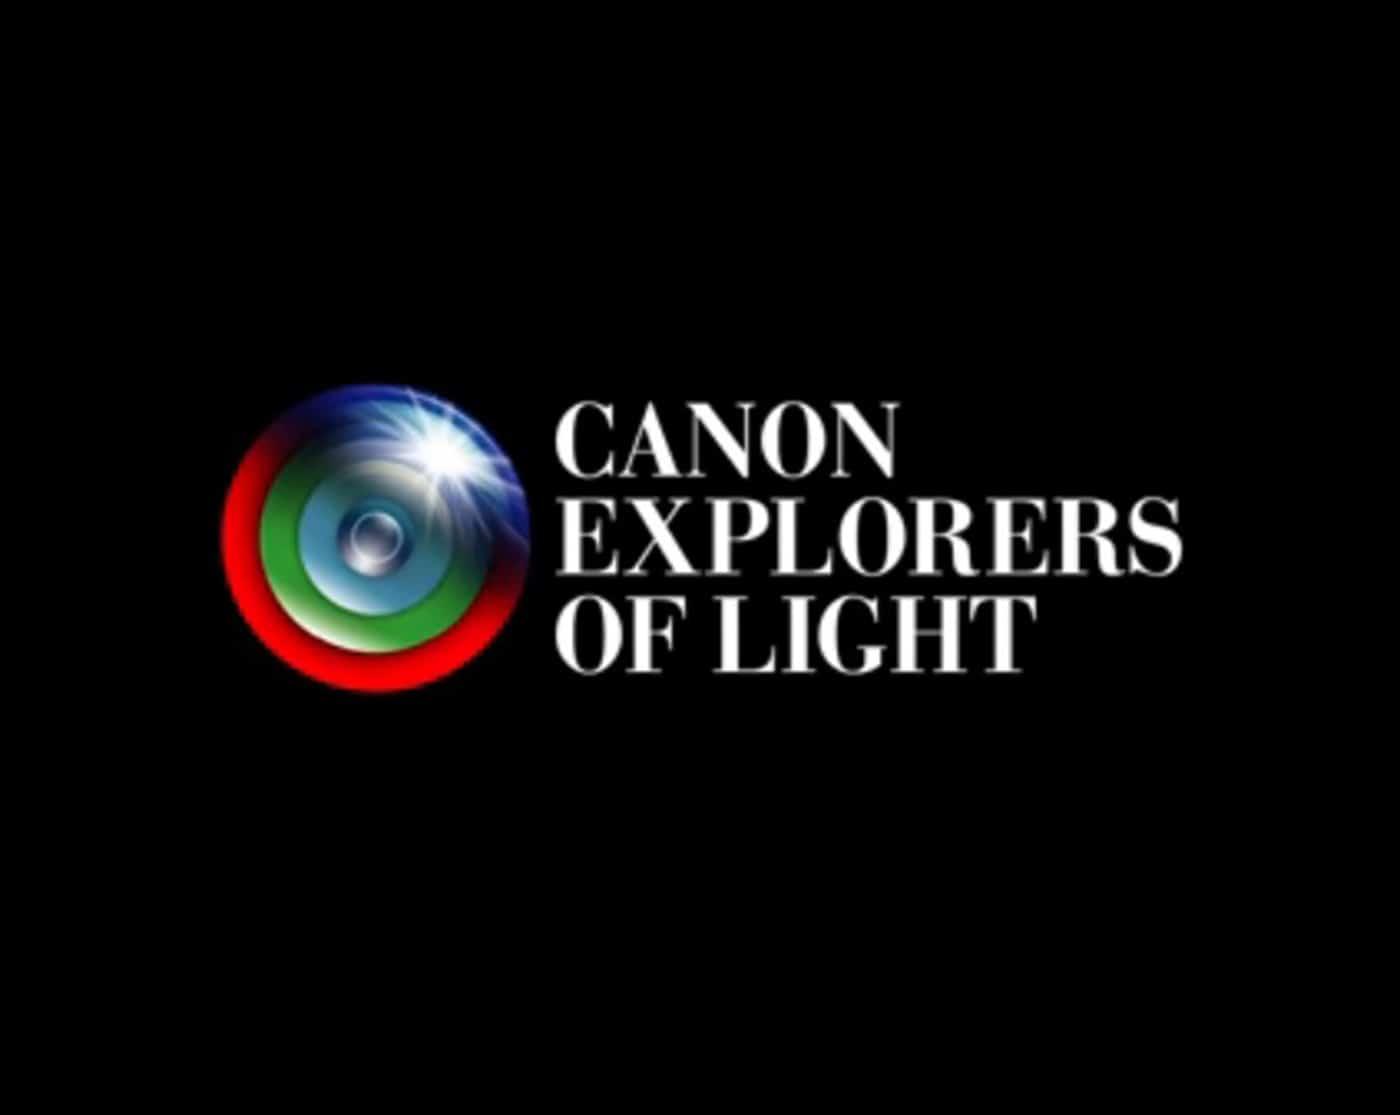 canon-adiciona-novos-episodios-a-serie-exploradores-da-luz-Futebol-Latino-28-05